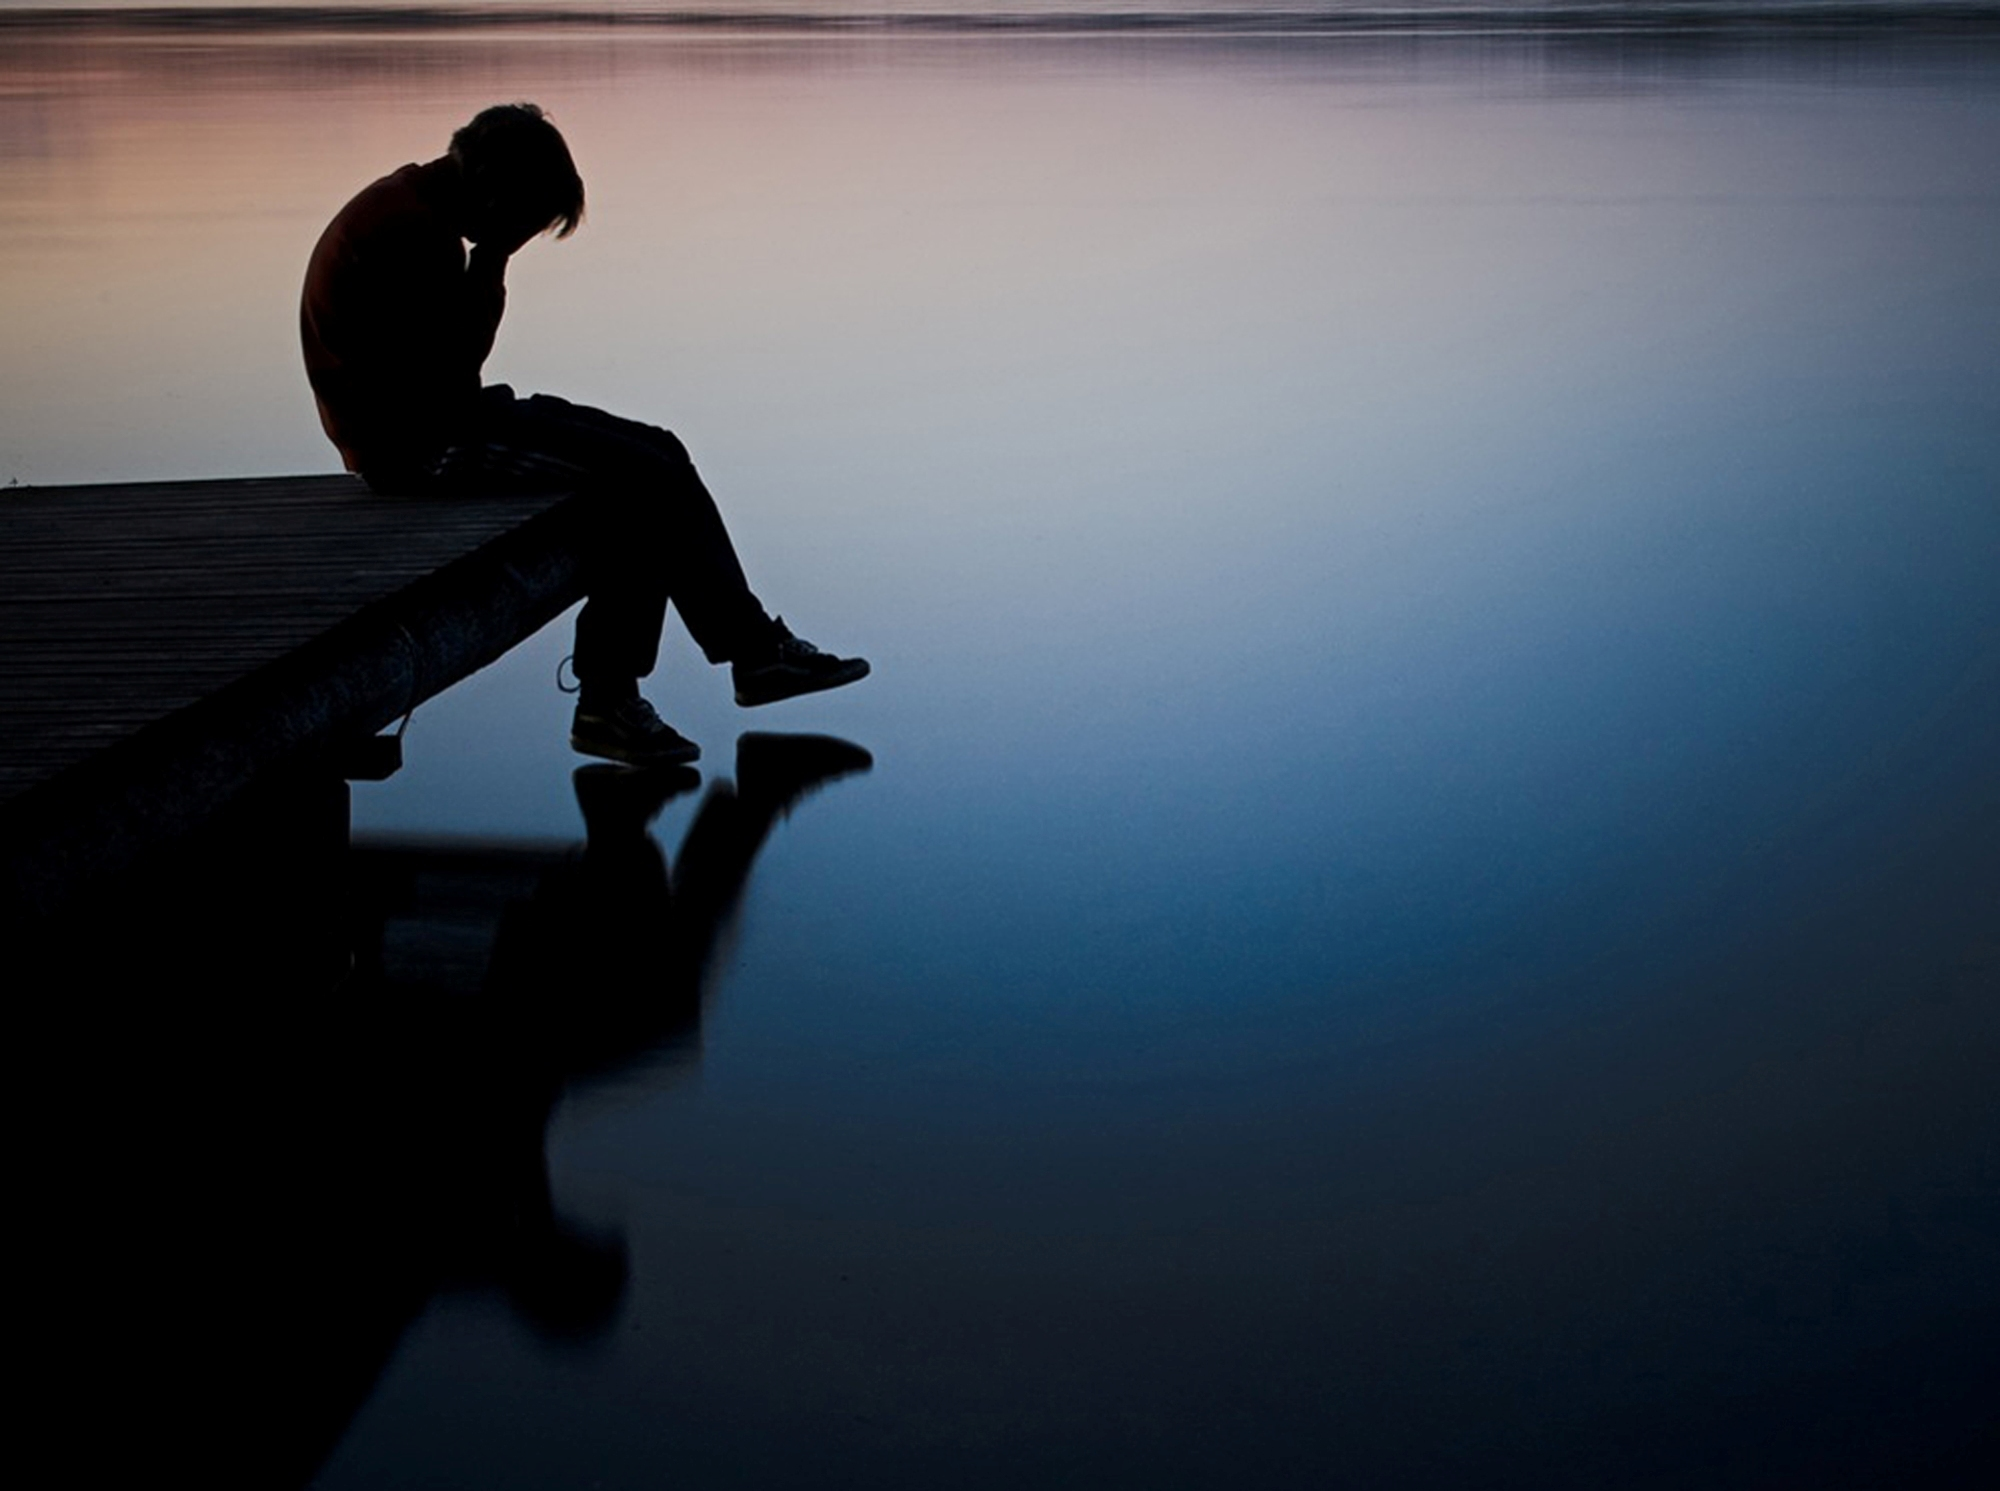 صور شخص حزين صور الحزن والالم حبيبي